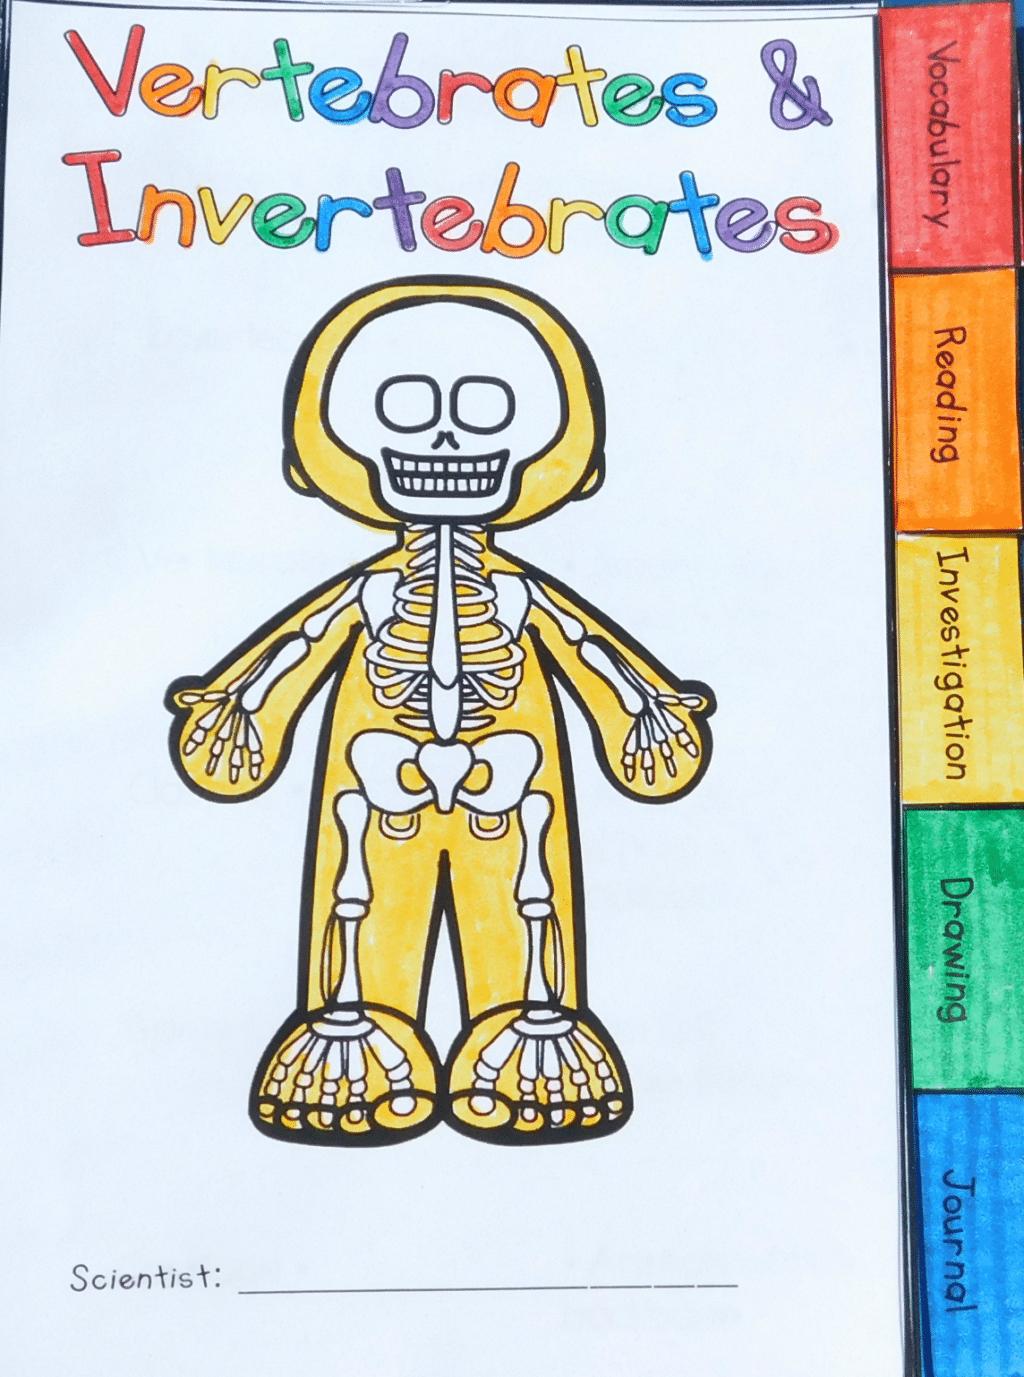 Workbooks vertebrates and invertebrates worksheets 5th grade : Vertebrates and Invertebrates: Animal Classification Tabbed ...